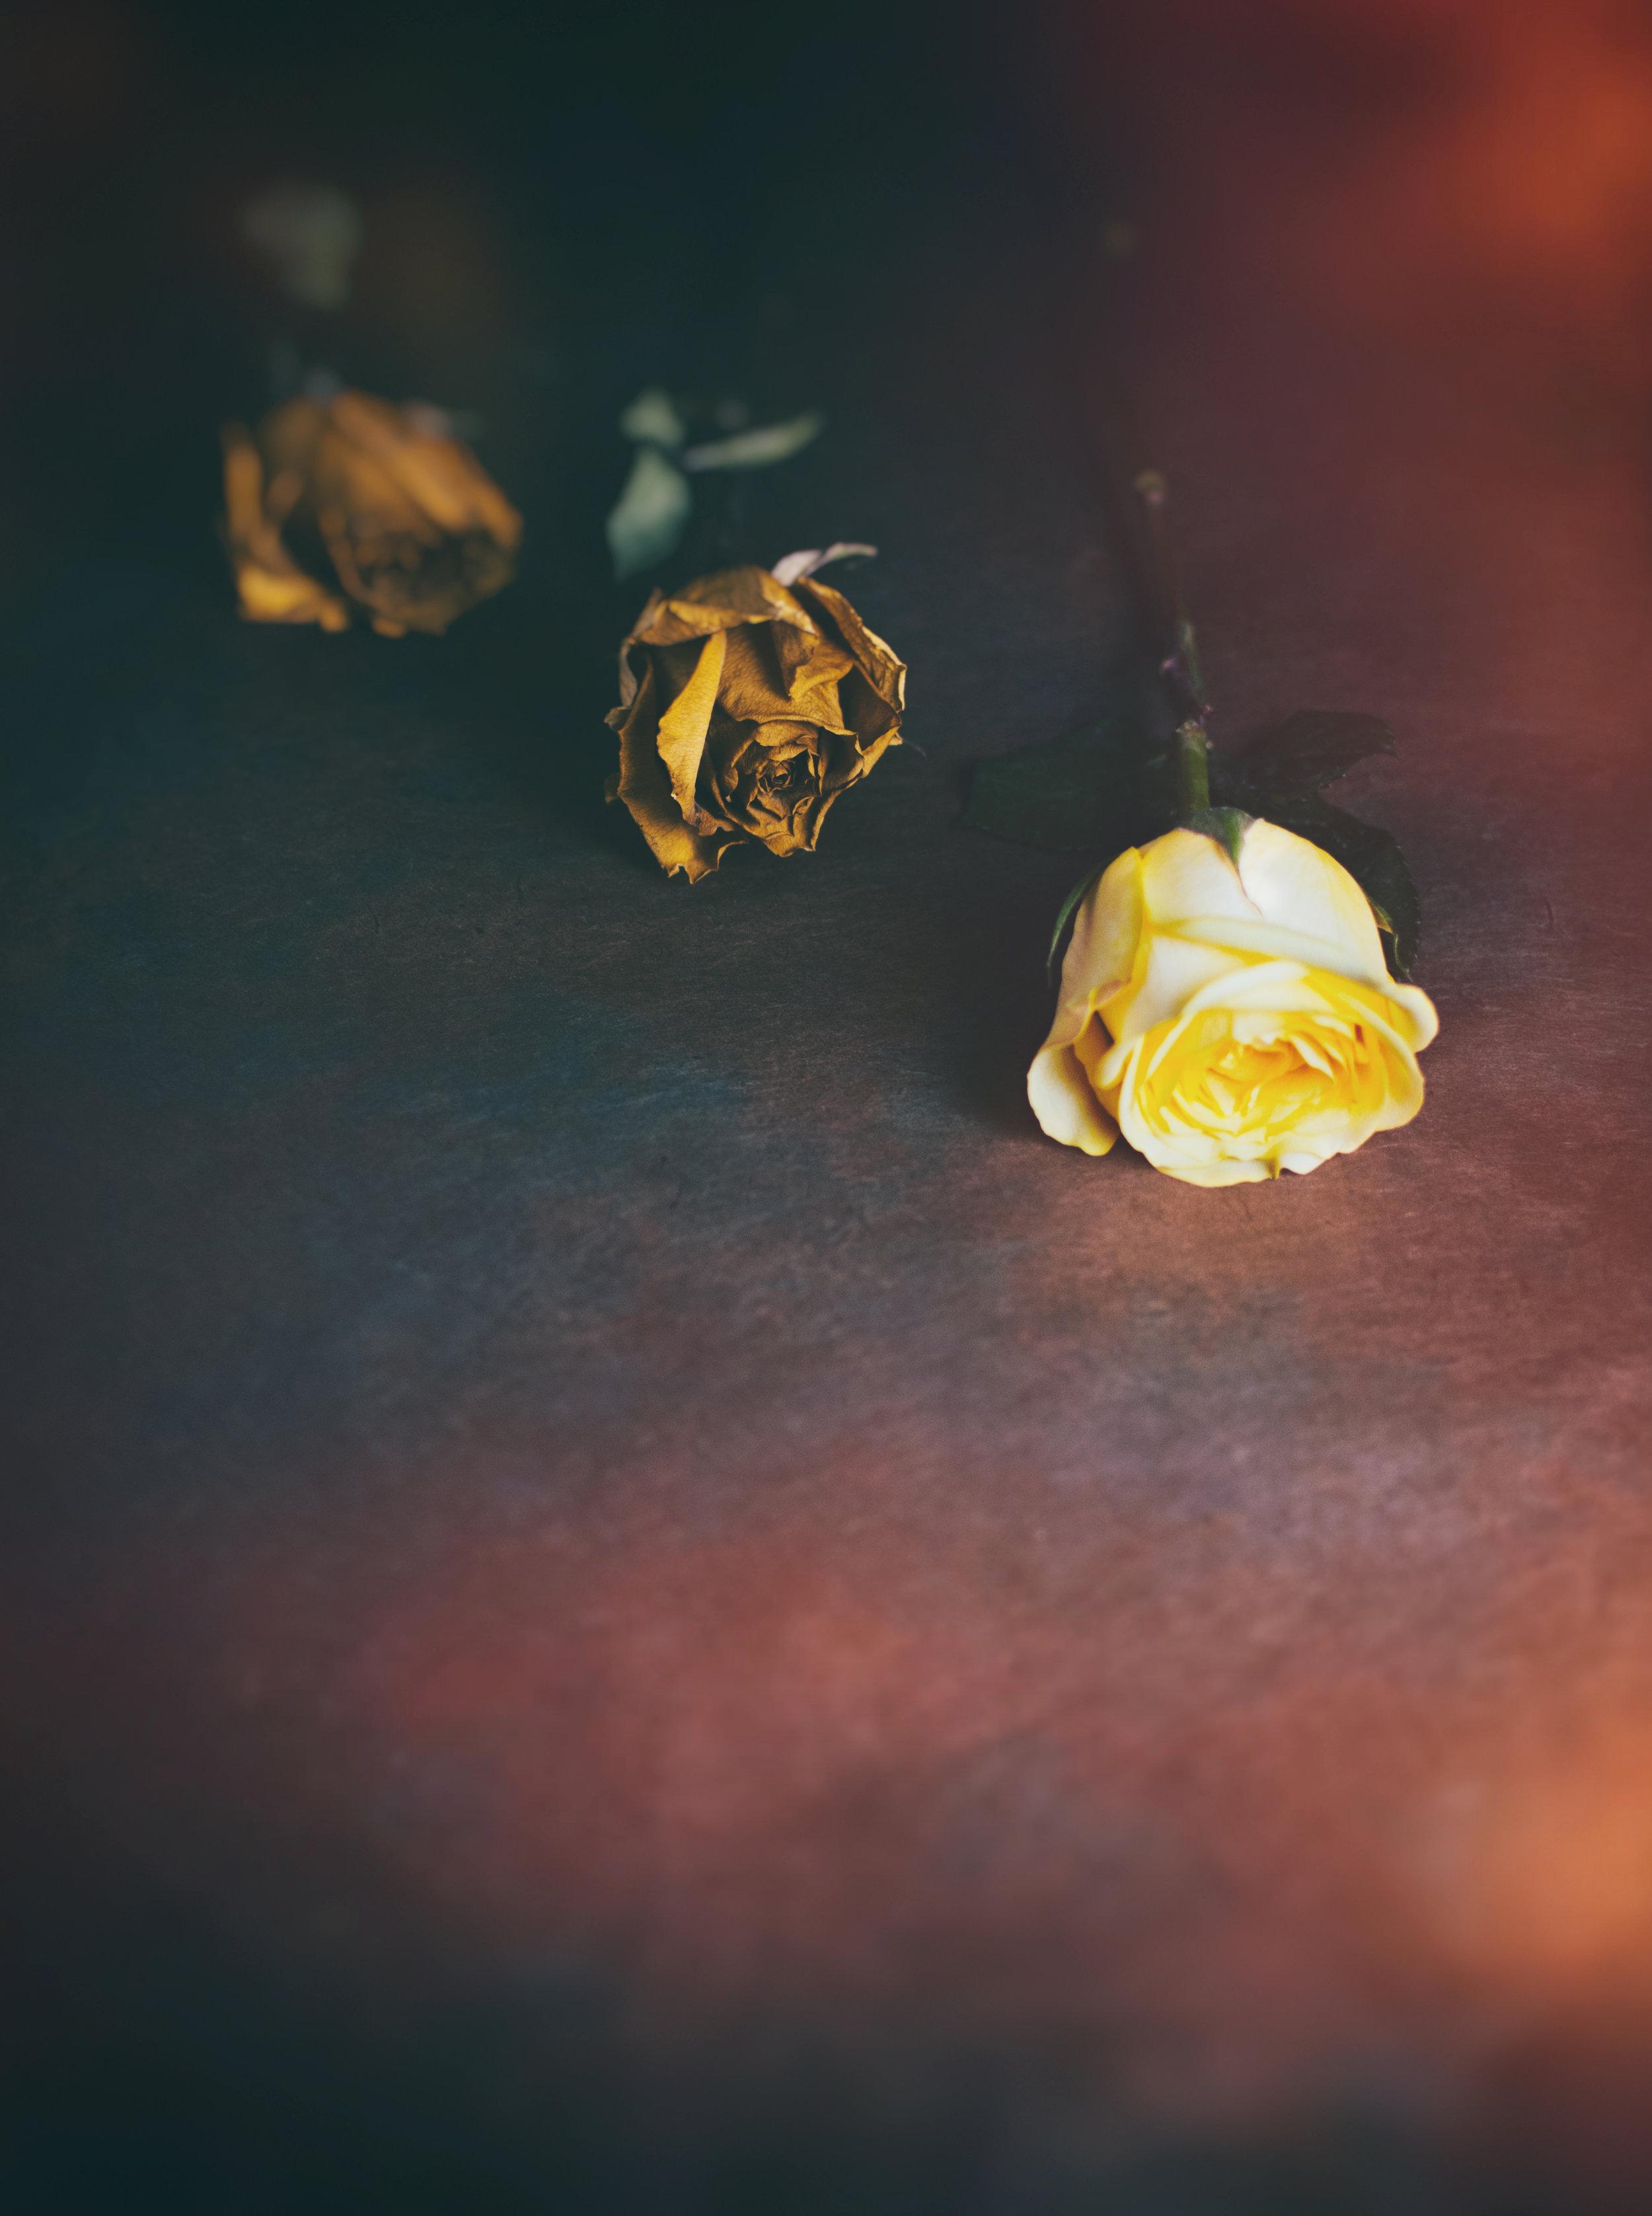 Nature_Detail_Roses003.jpg